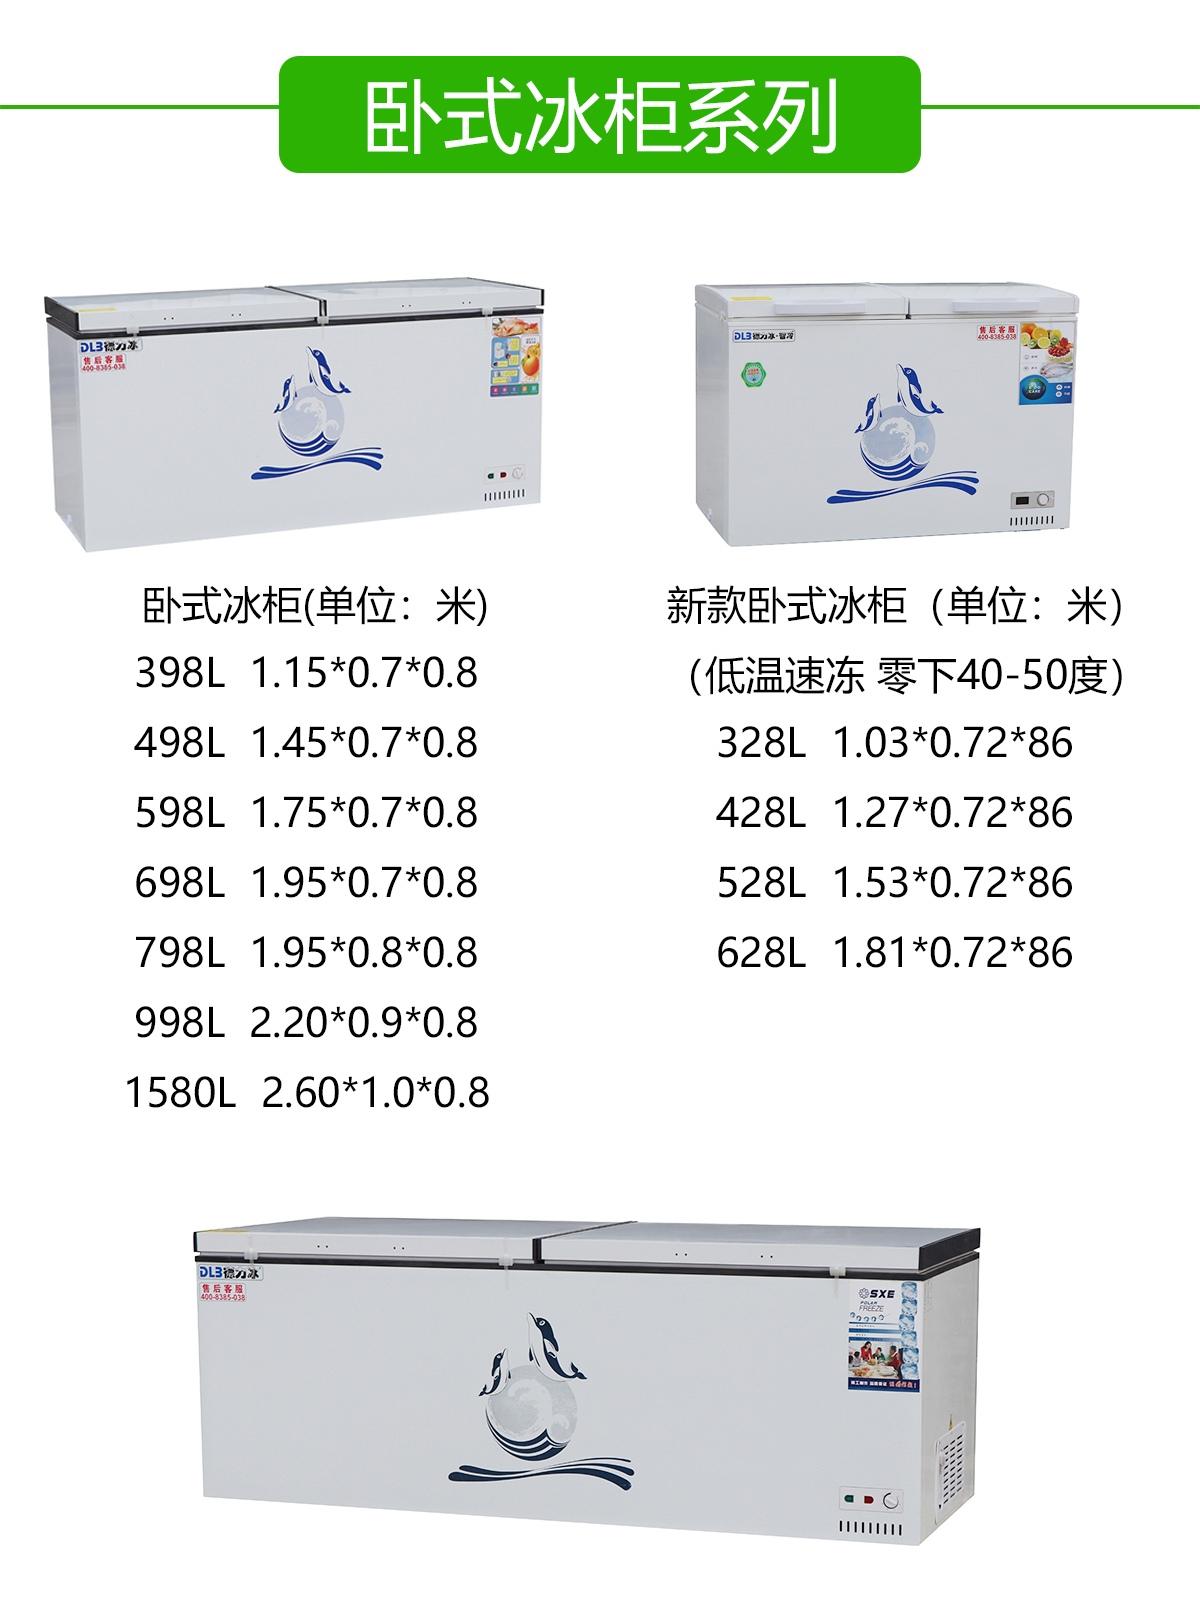 优旭冷链产品图片展示